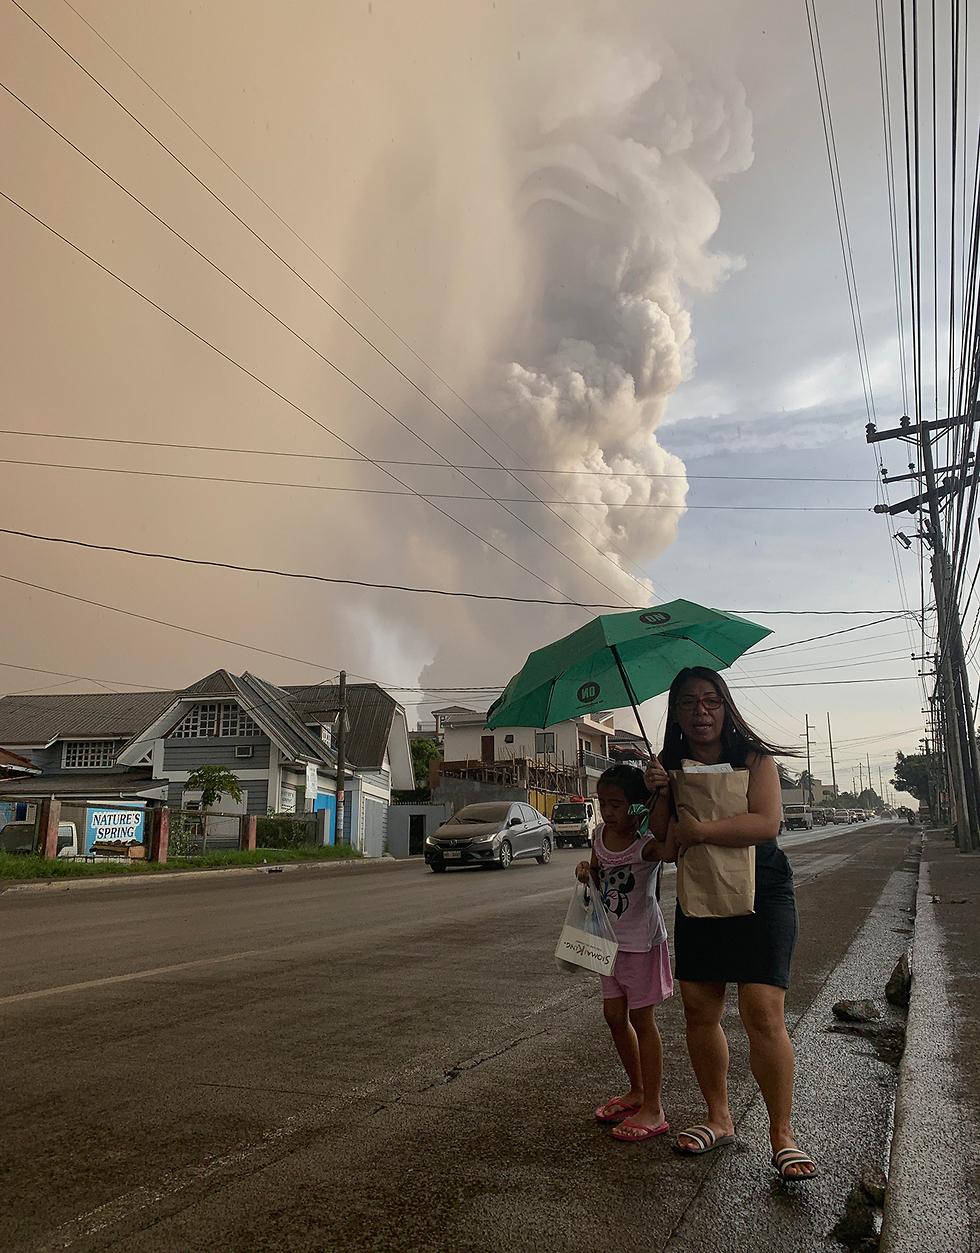 התפרצות הר געש טאאל  (צילום: EPA)